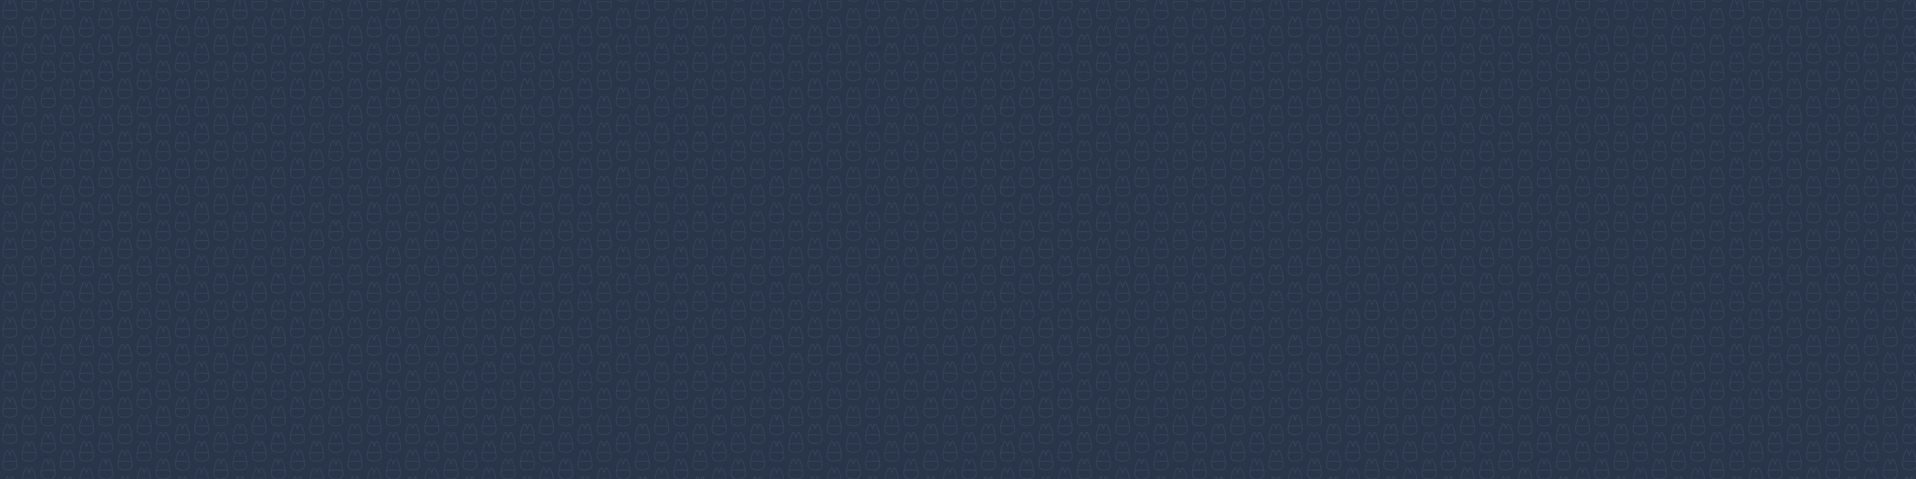 Hintergrund Pattern